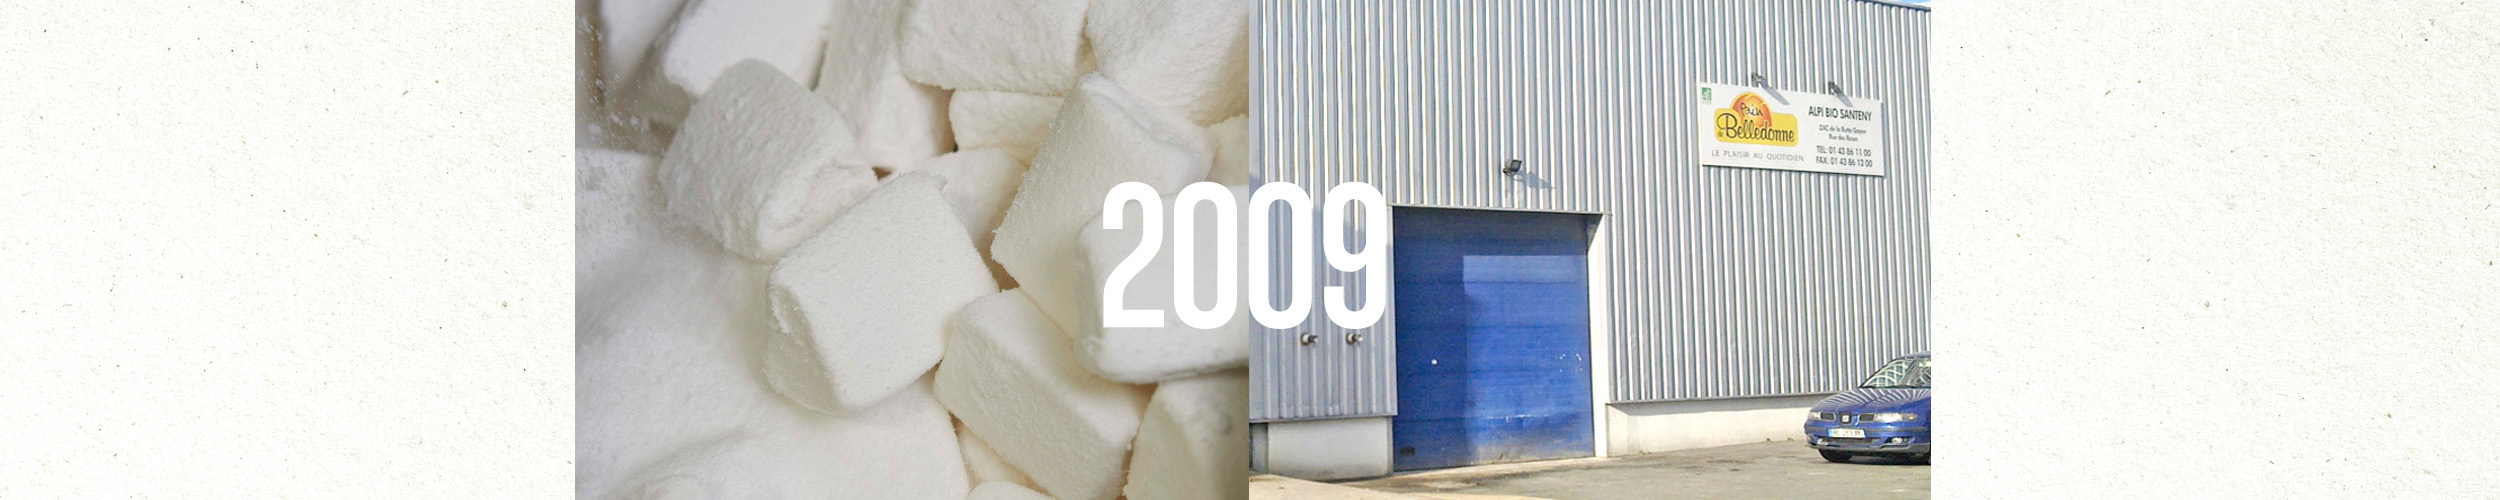 Carrousel Histoire 2009